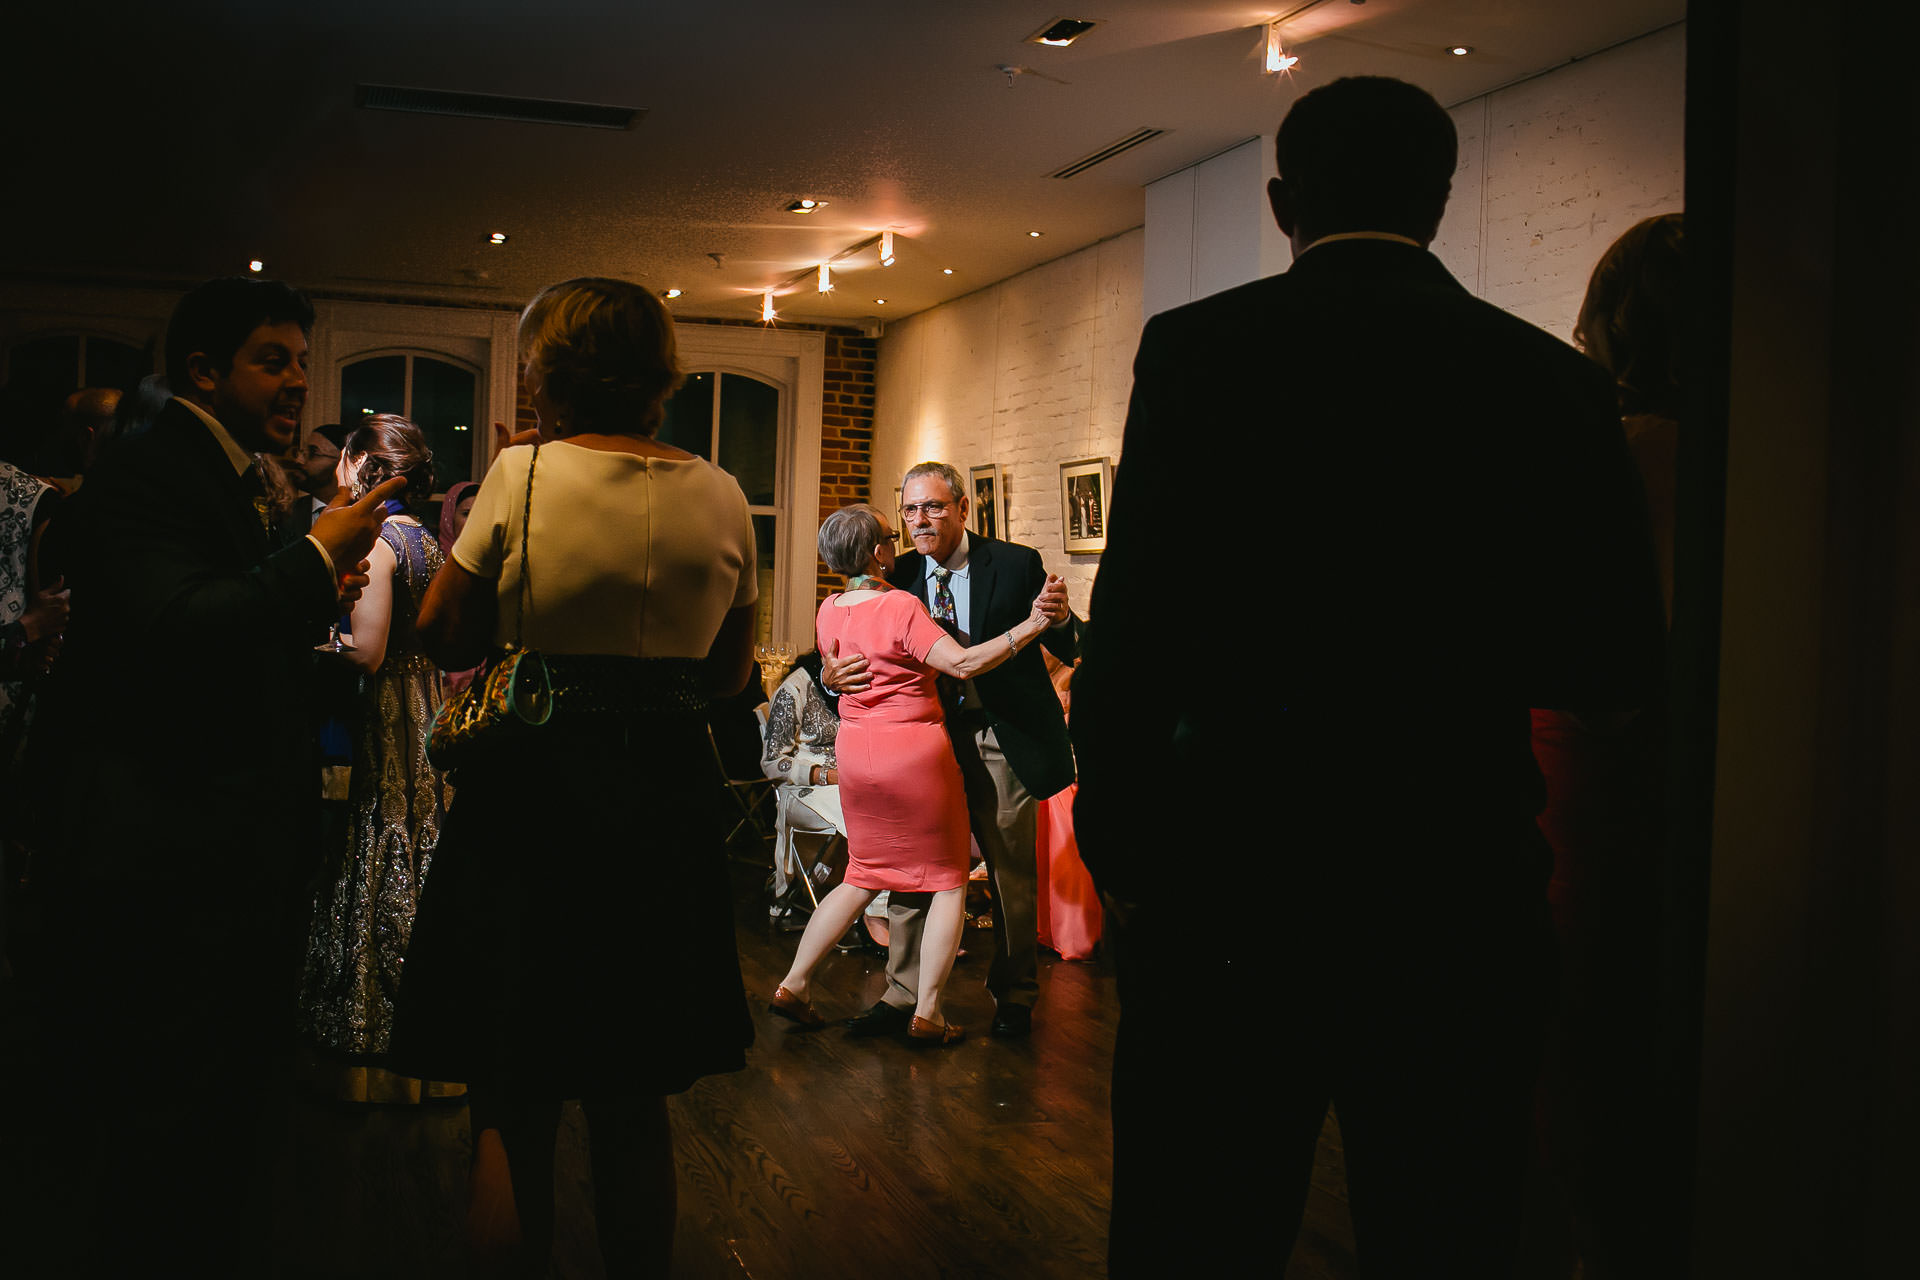 Boda en Washington DC, fotoperiodismo de bodas, Norman Parunov